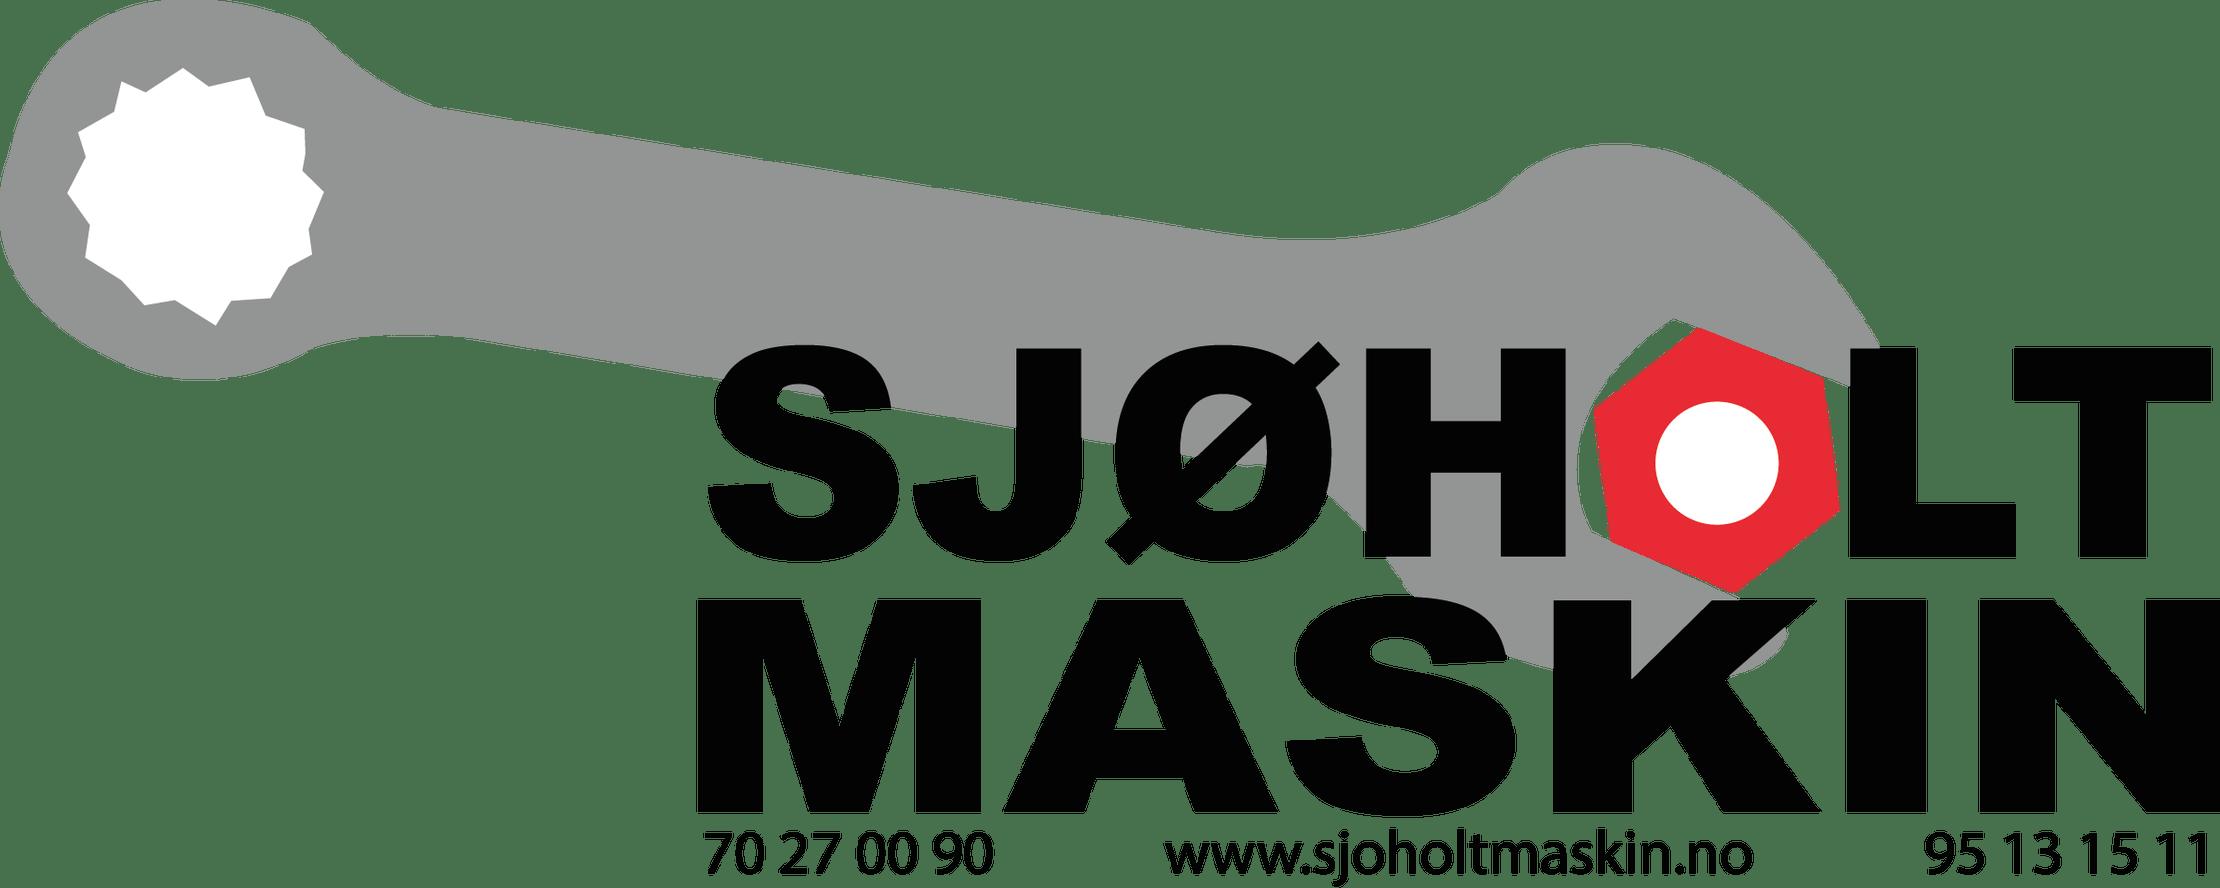 SJØHOLT MASKIN AS